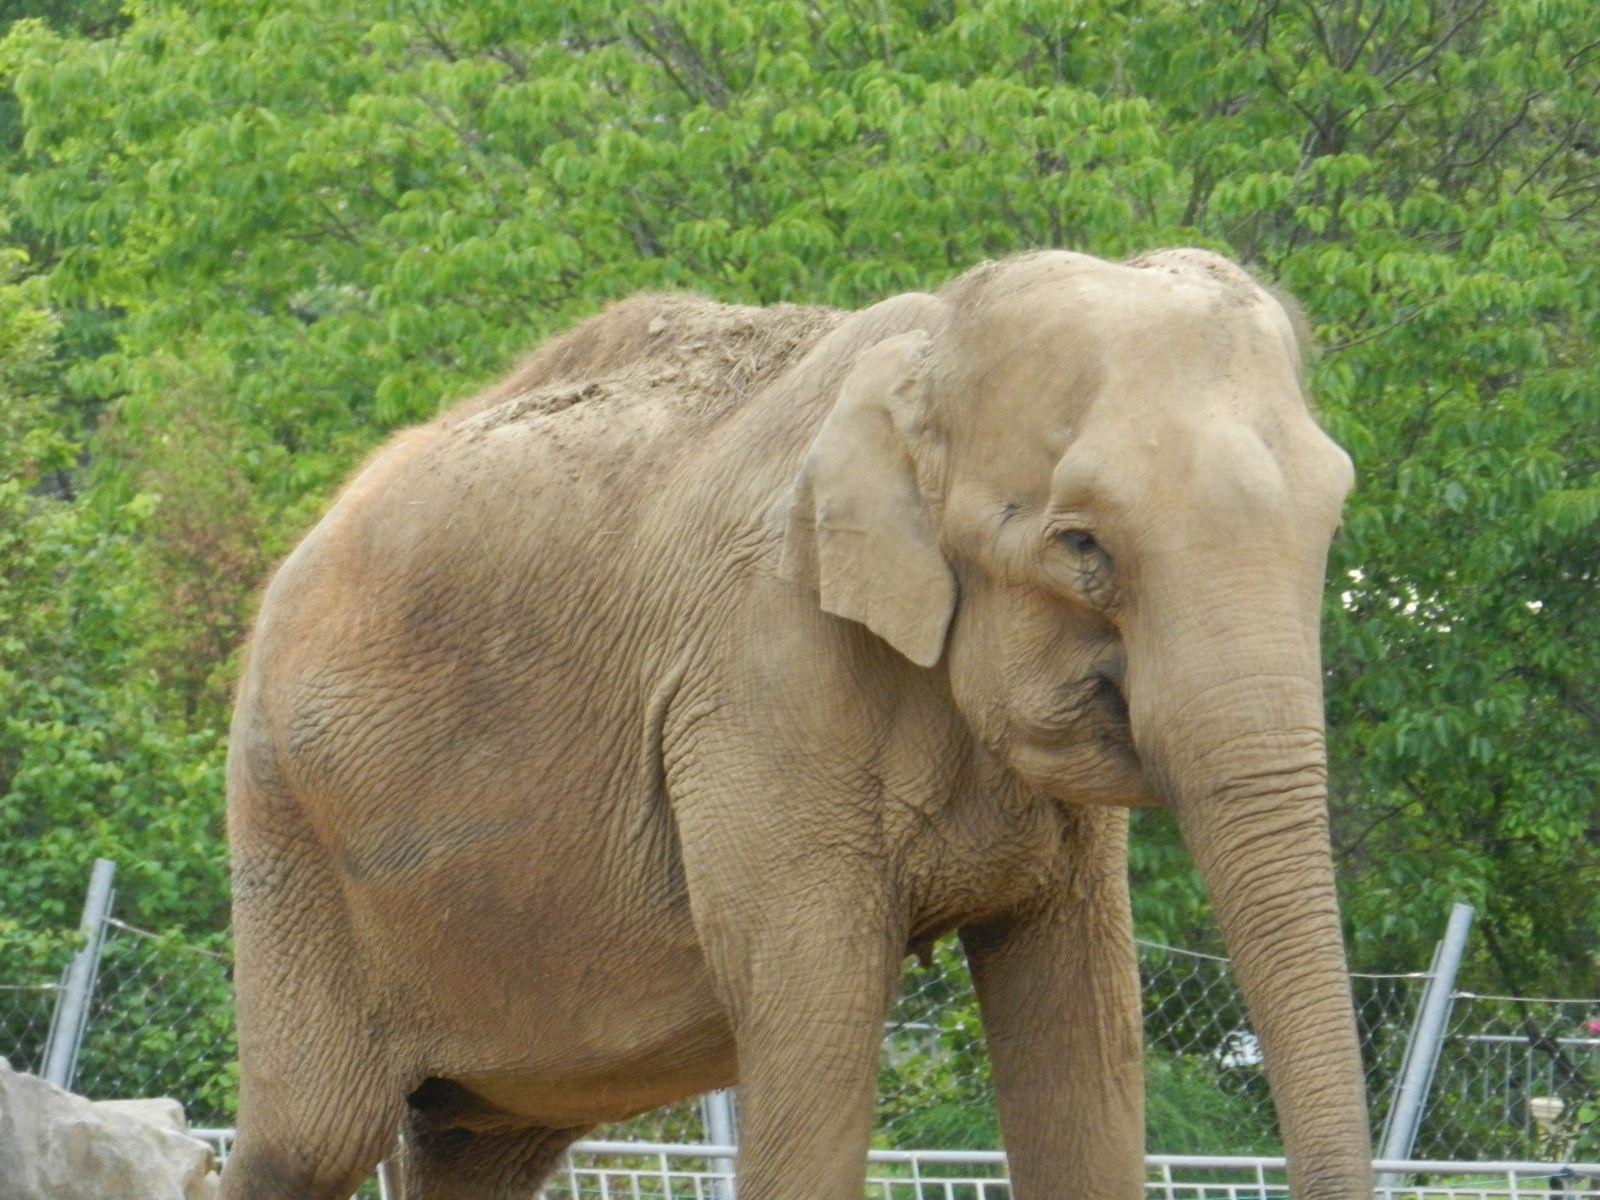 Éléphant. Techniques d'élevage. Tous droits réservés